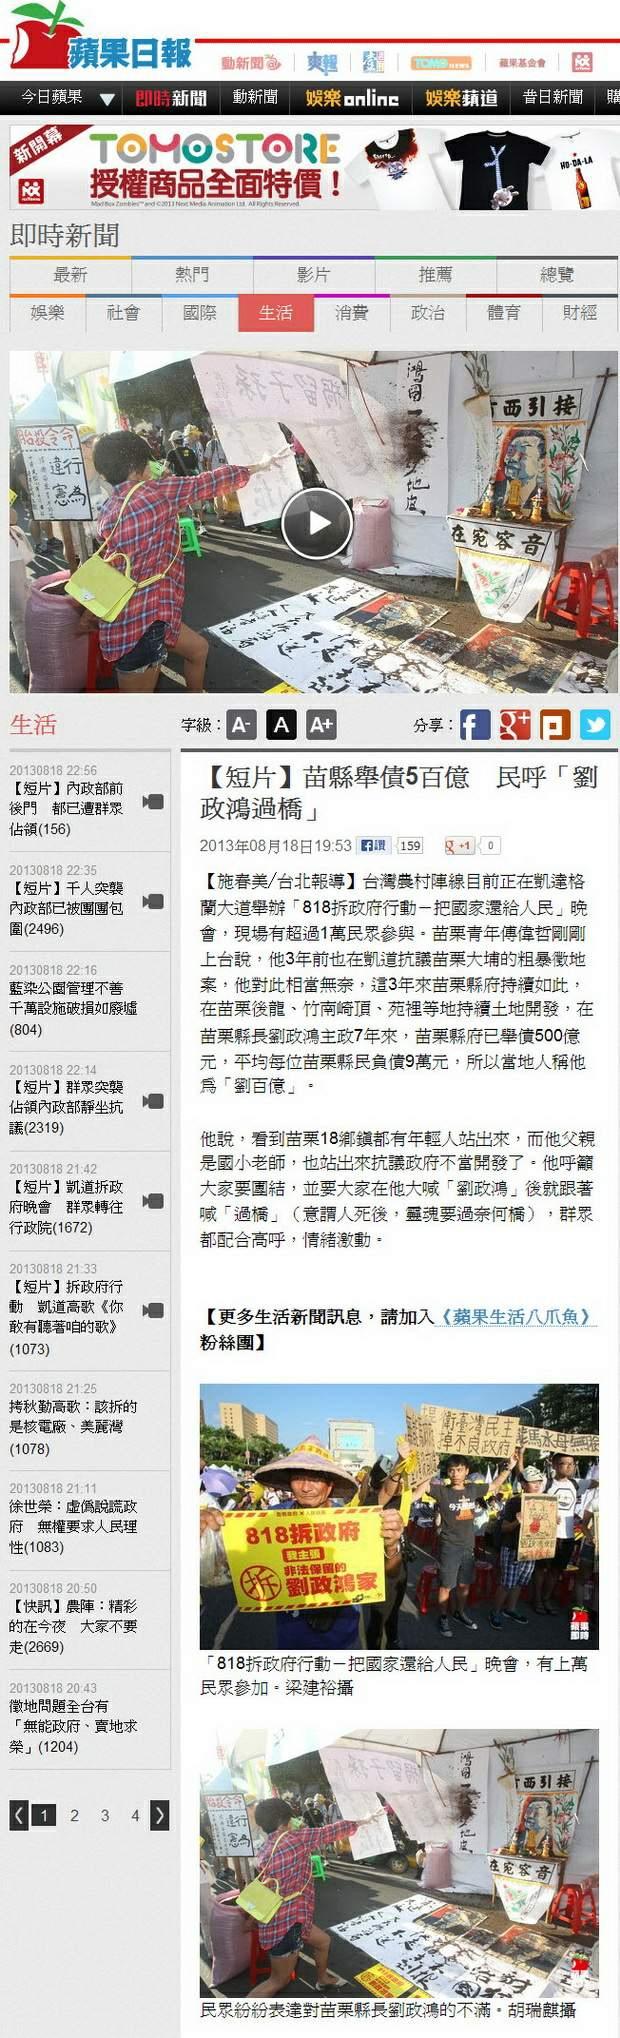 苗縣舉債5百億 民呼「劉政鴻過橋」-2013.08.18.jpg